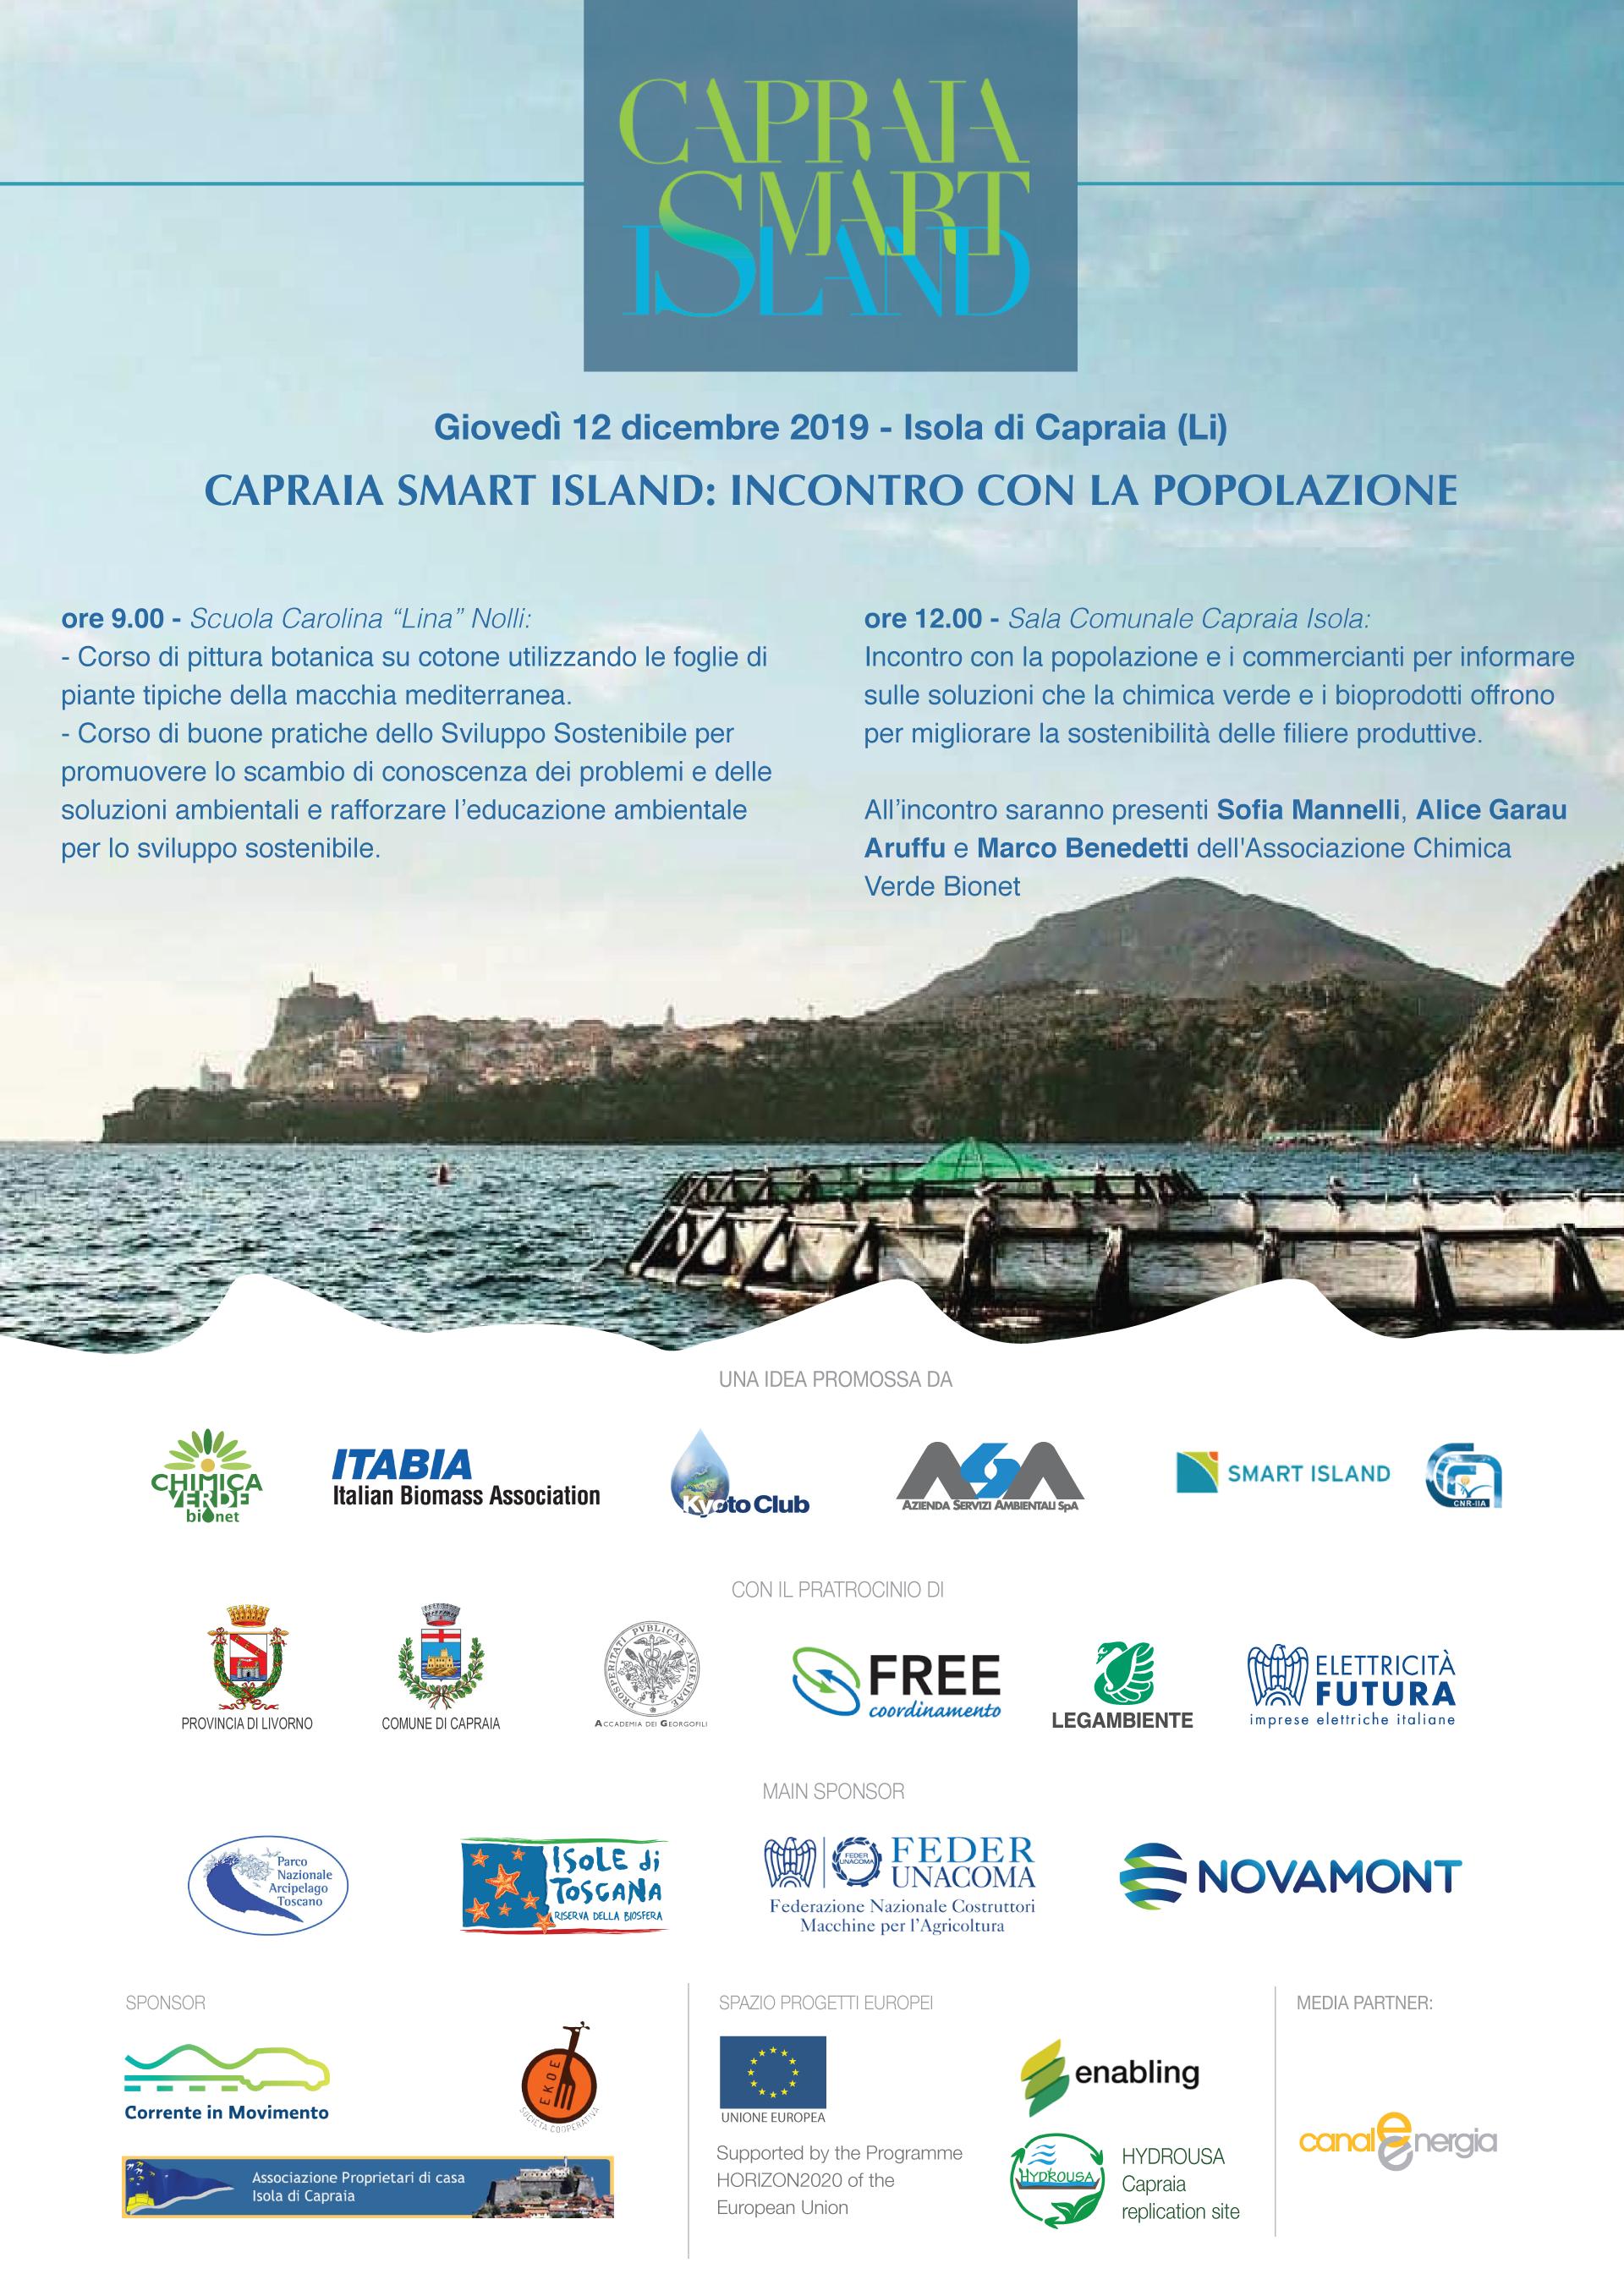 CAPRAIA SMART ISLAND: INCONTRO CON LA POPOLAZIONE @ Isola di Capraia